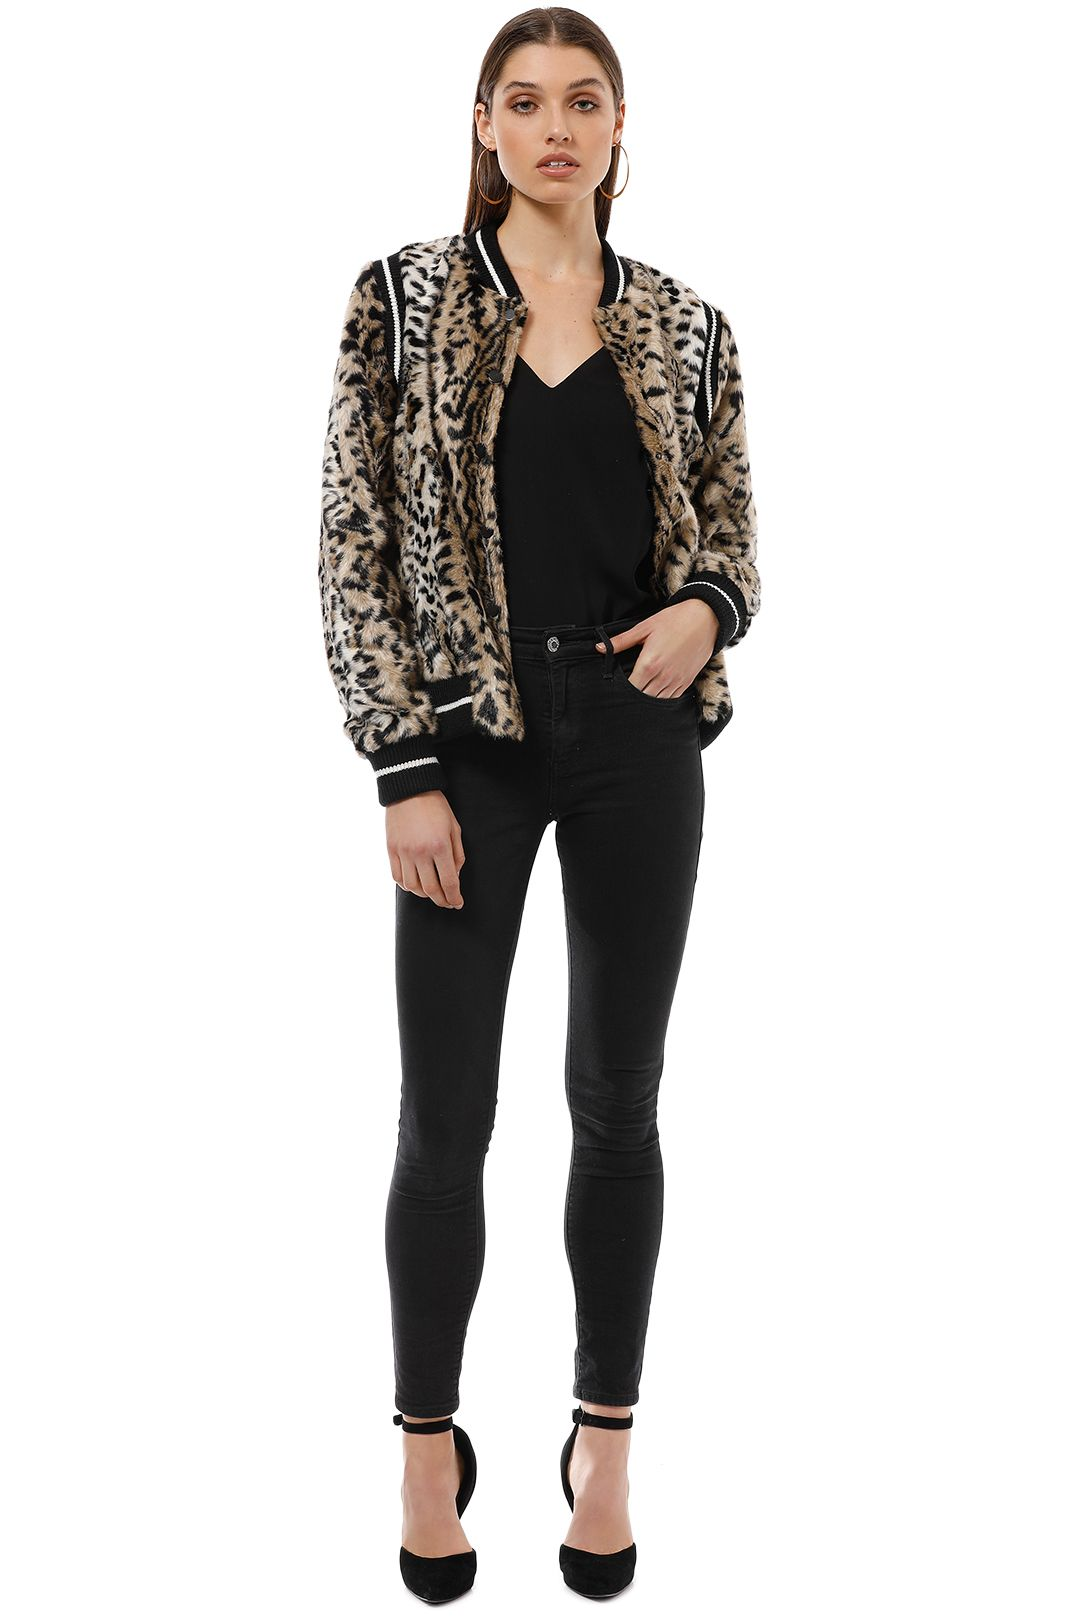 Saylor - Emanuela Bomber Jacket - Leopard - Front